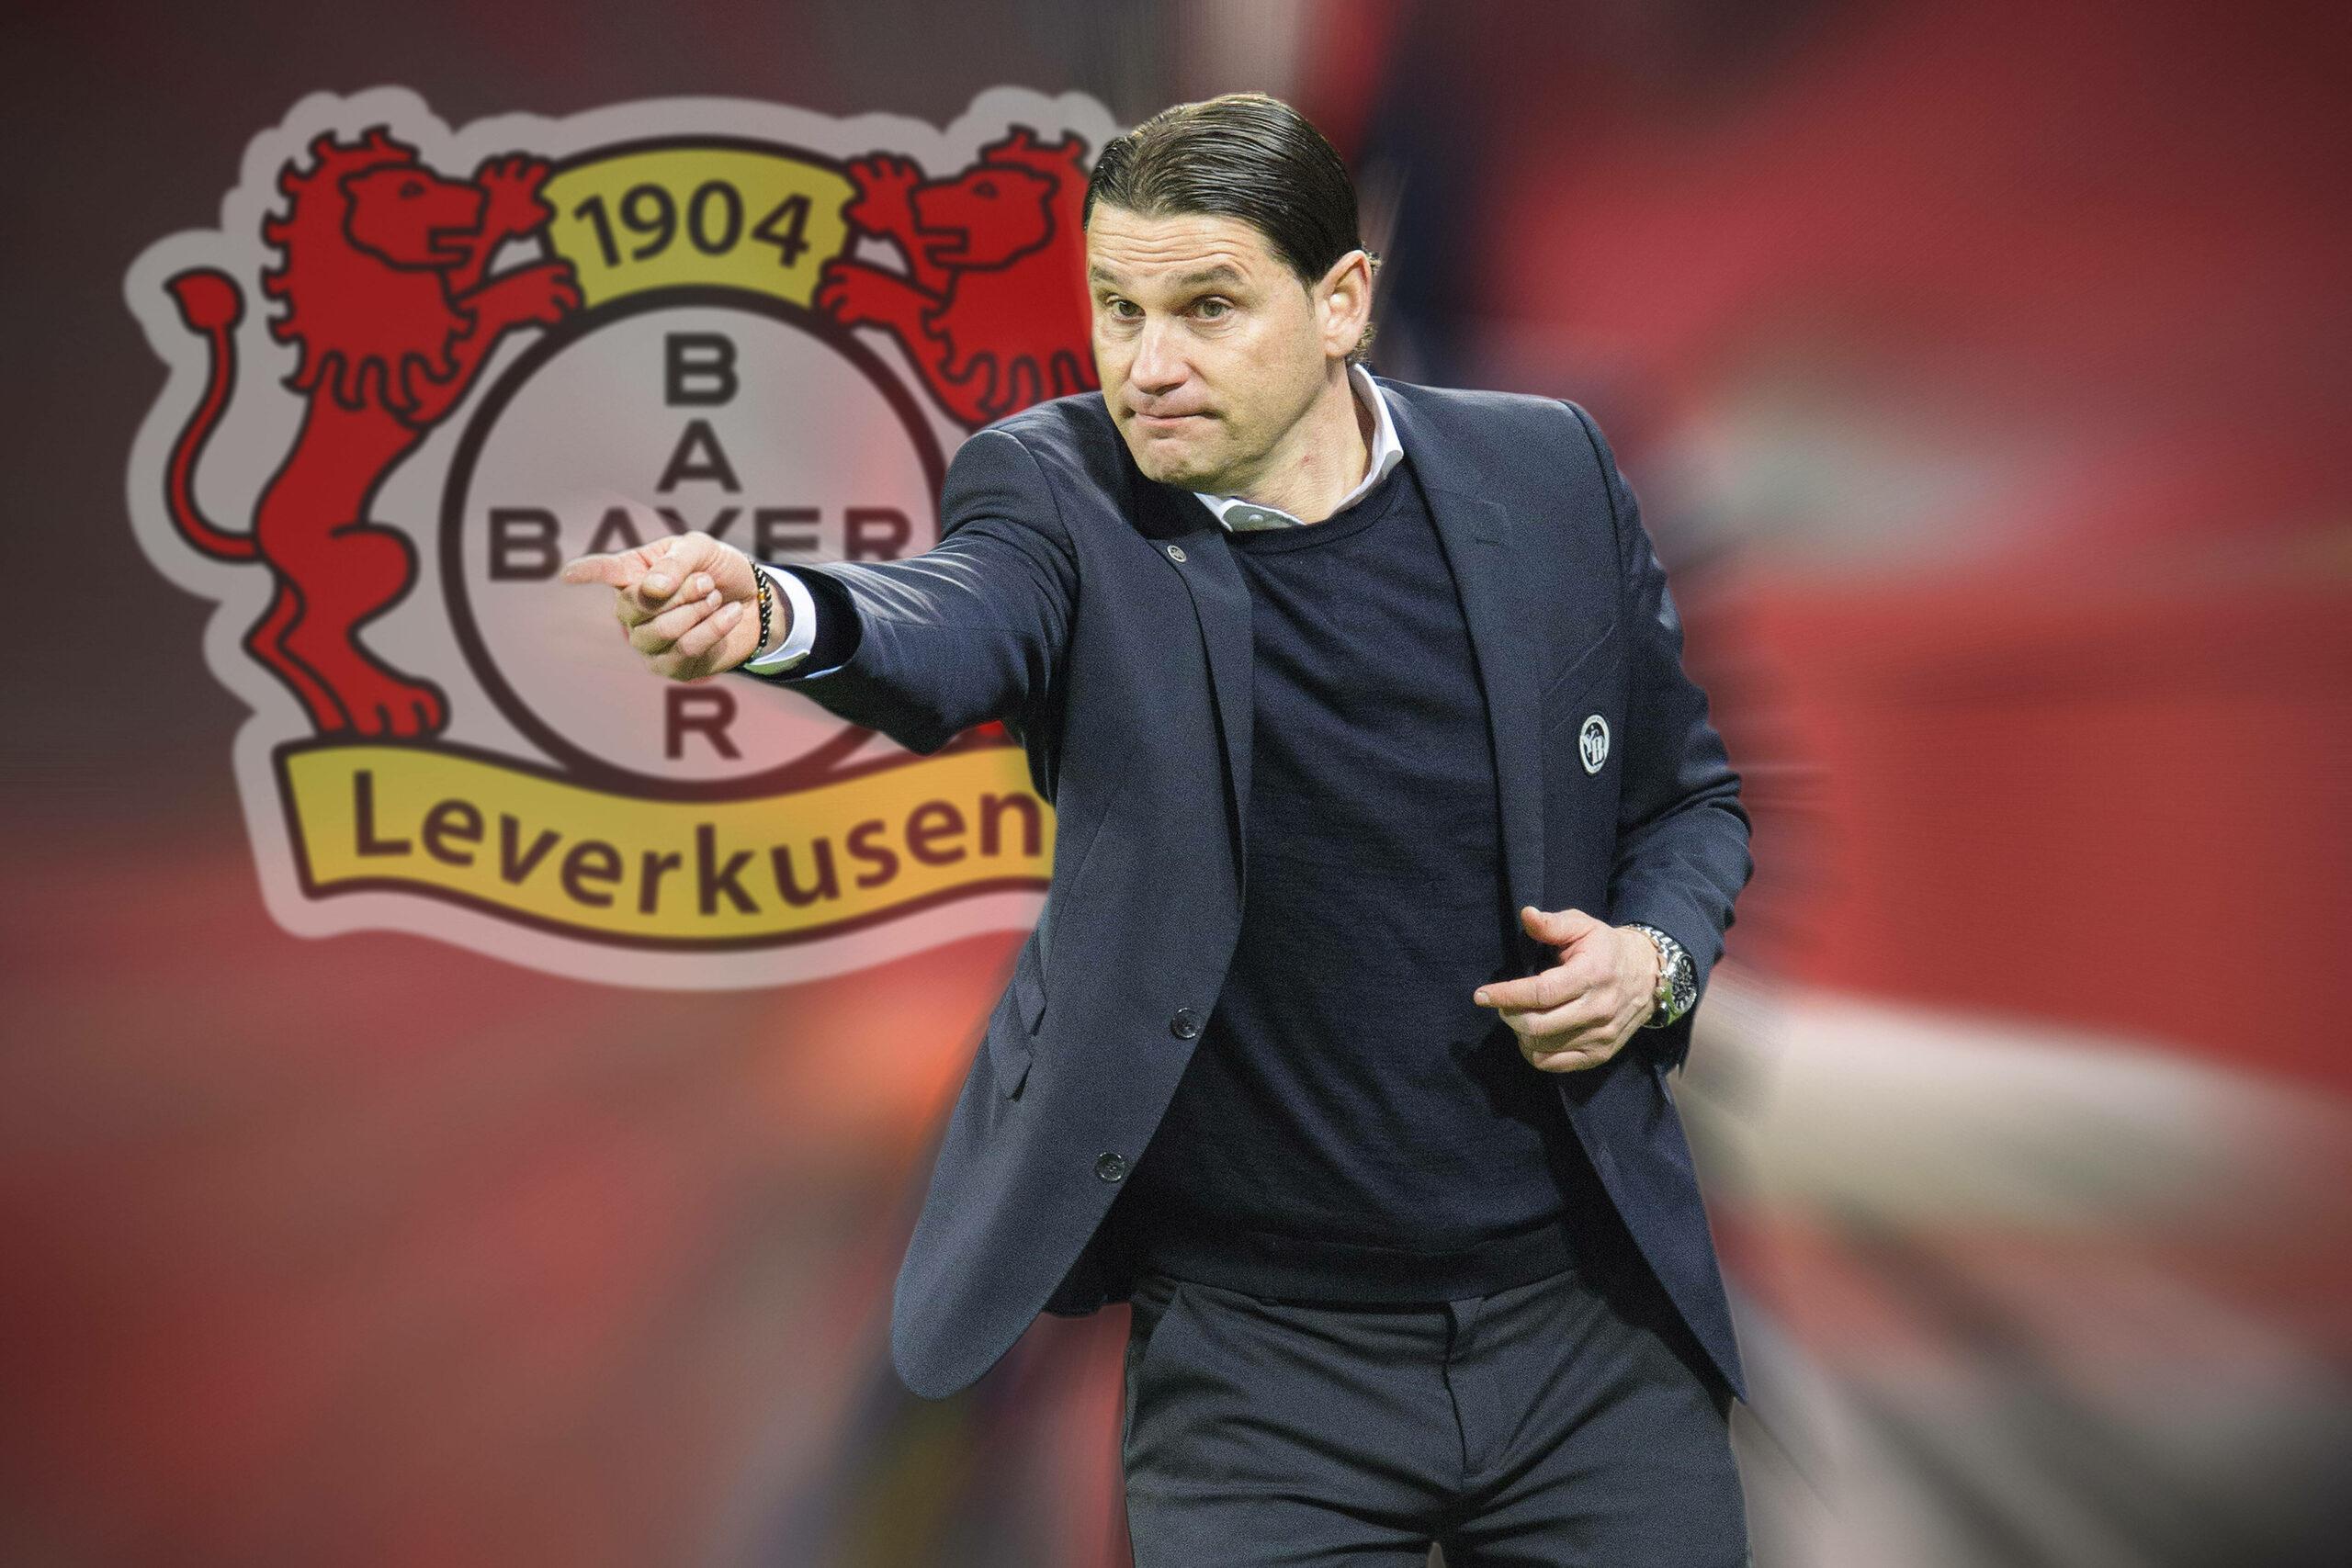 Seoane Leverkusen